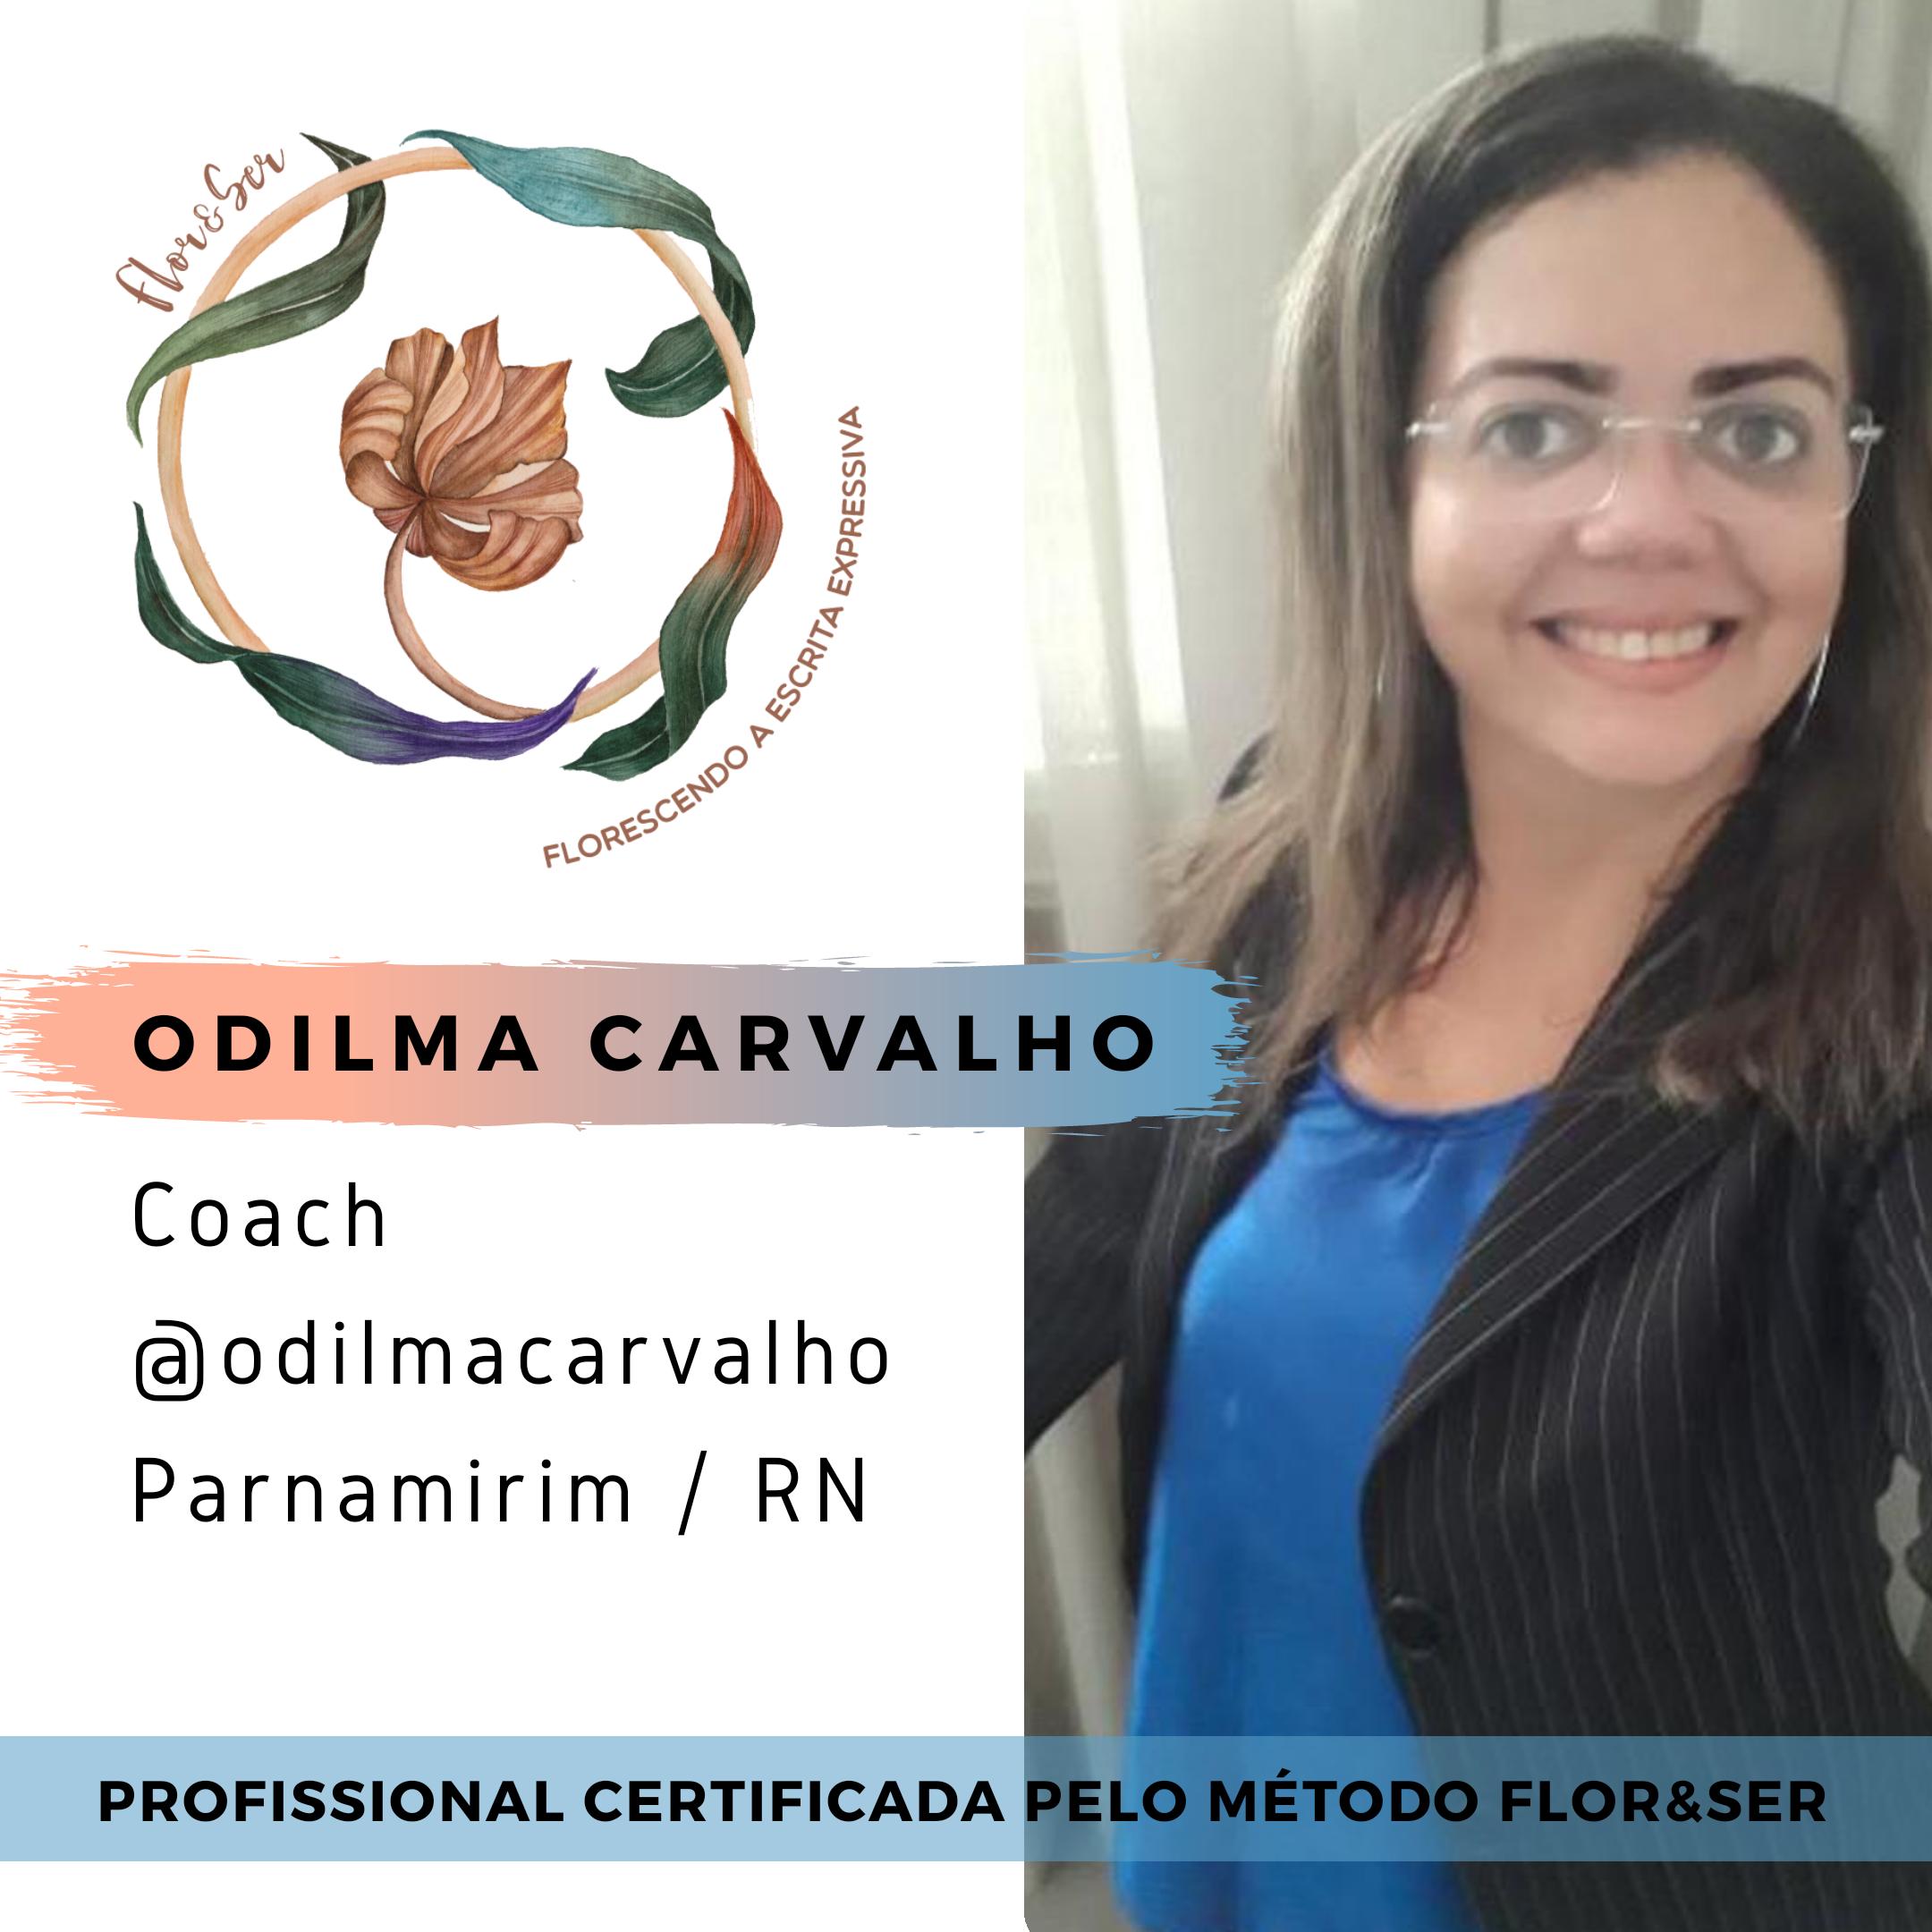 Odilma Carvalho